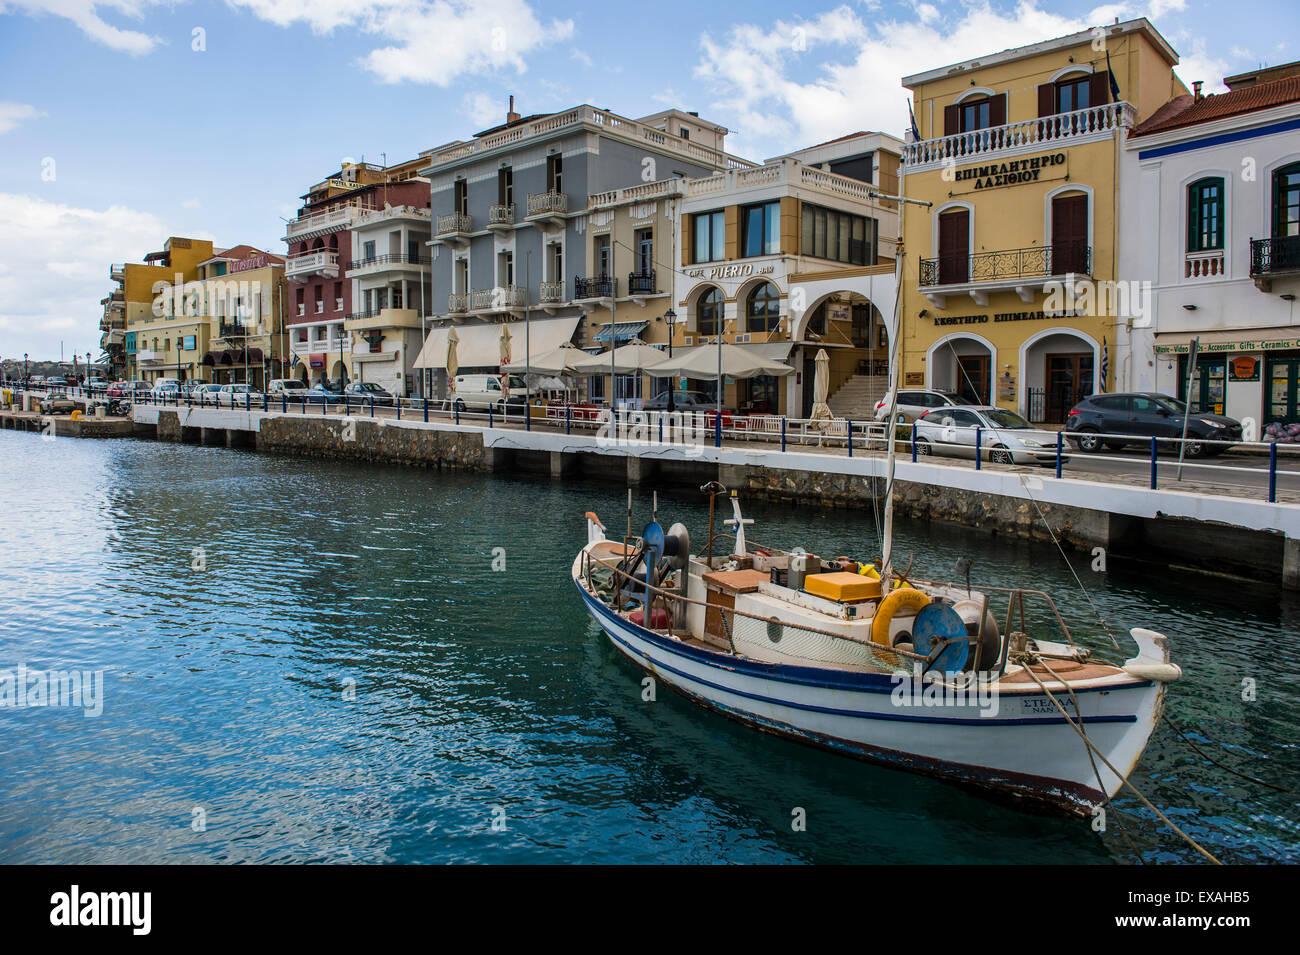 Lake Voulismeni, Agios Nikolaos, Crete, Greek Islands, Greece, Europe - Stock Image